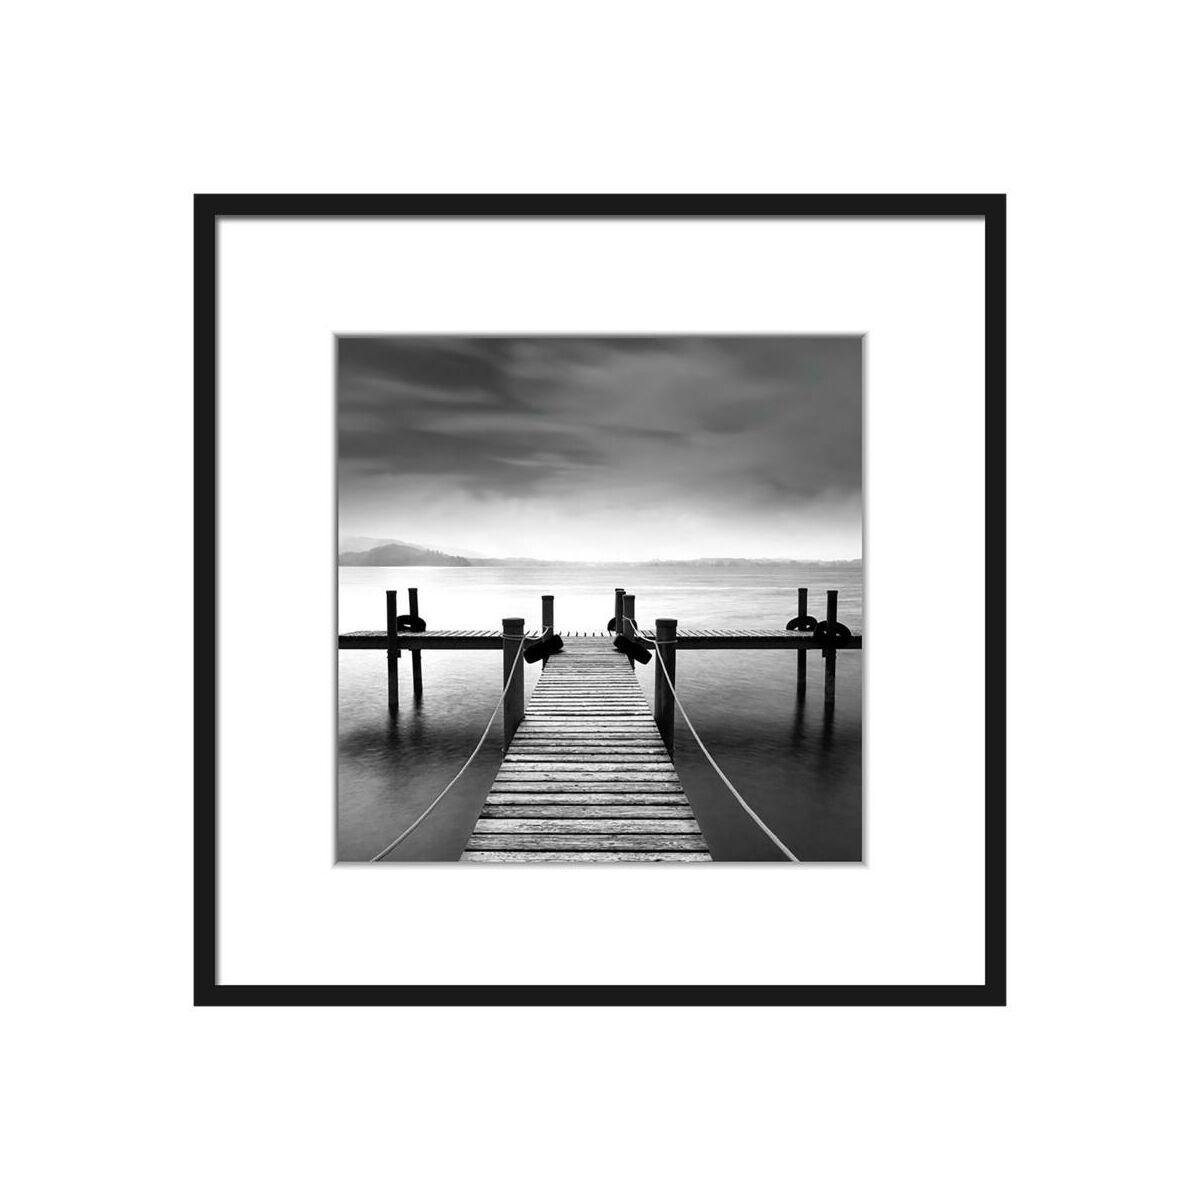 Obraz Artbox Foto Jetty 40 X 40 Cm Obrazy Kanwy W Atrakcyjnej Cenie W Sklepach Leroy Merlin